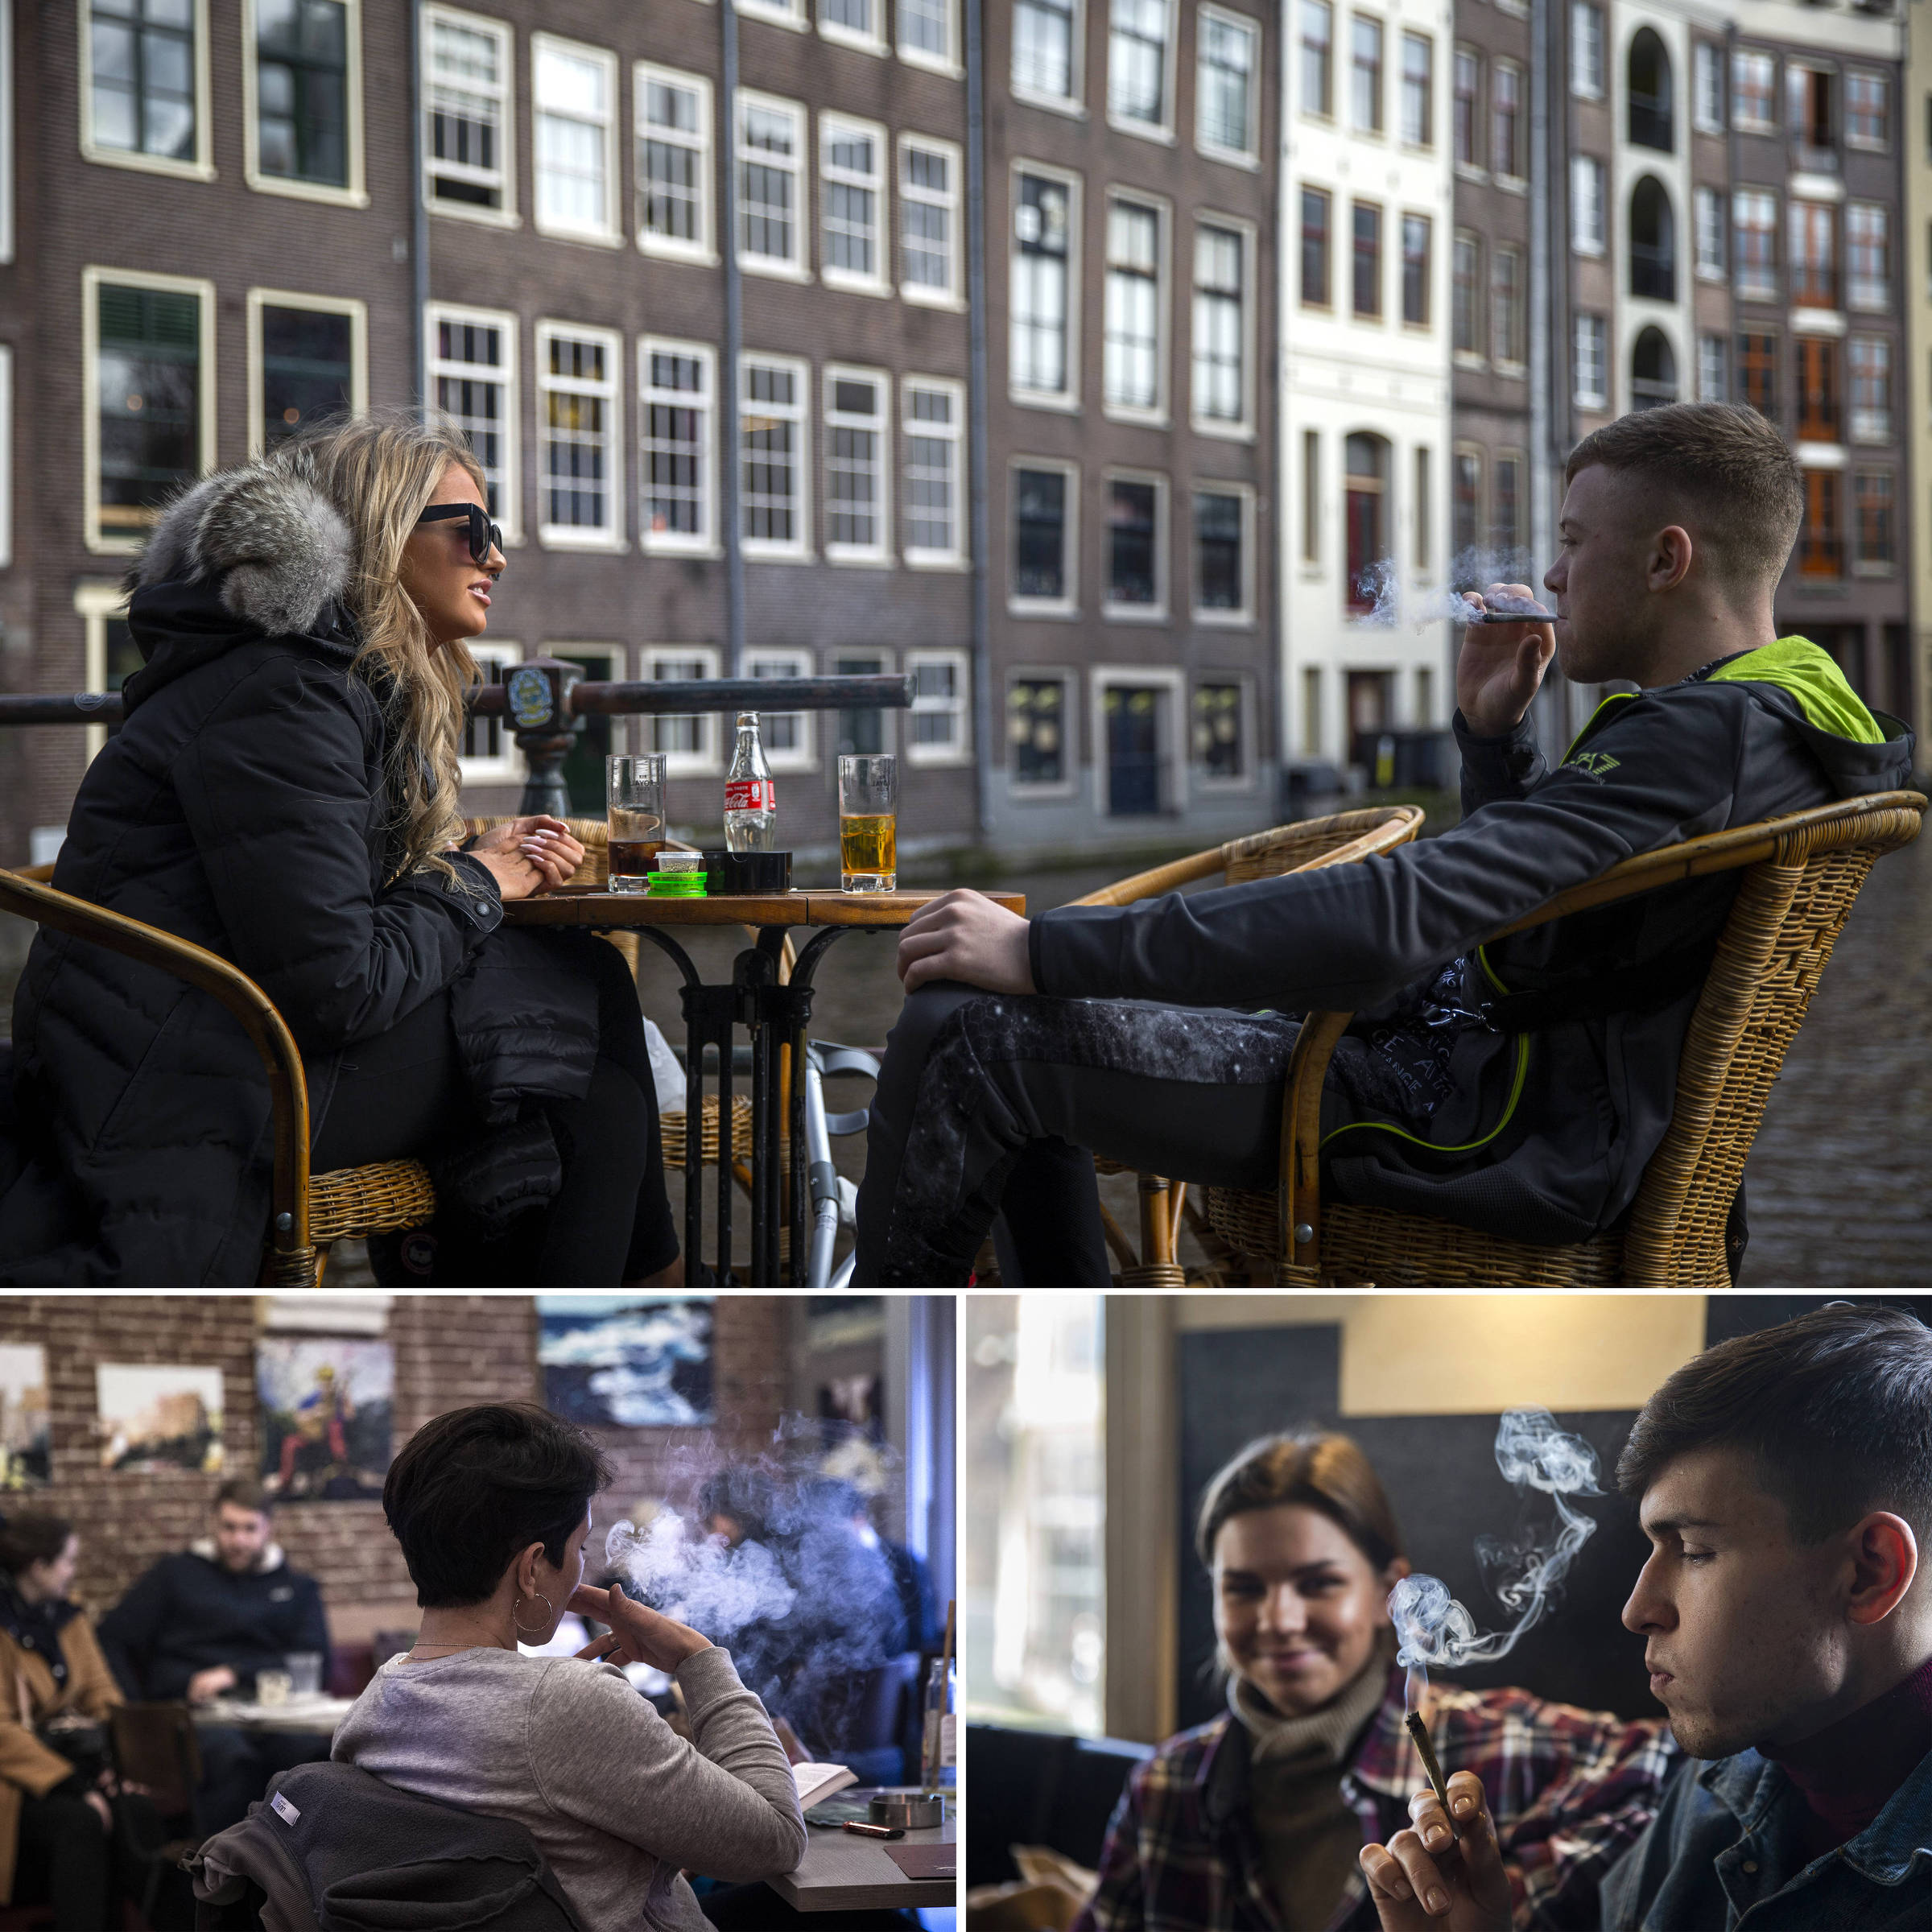 Jovens fumam maconha no centro (acima), e nos coffeeshops Paradox (abaixo à esq.) e Voyagers, em Amsterdã